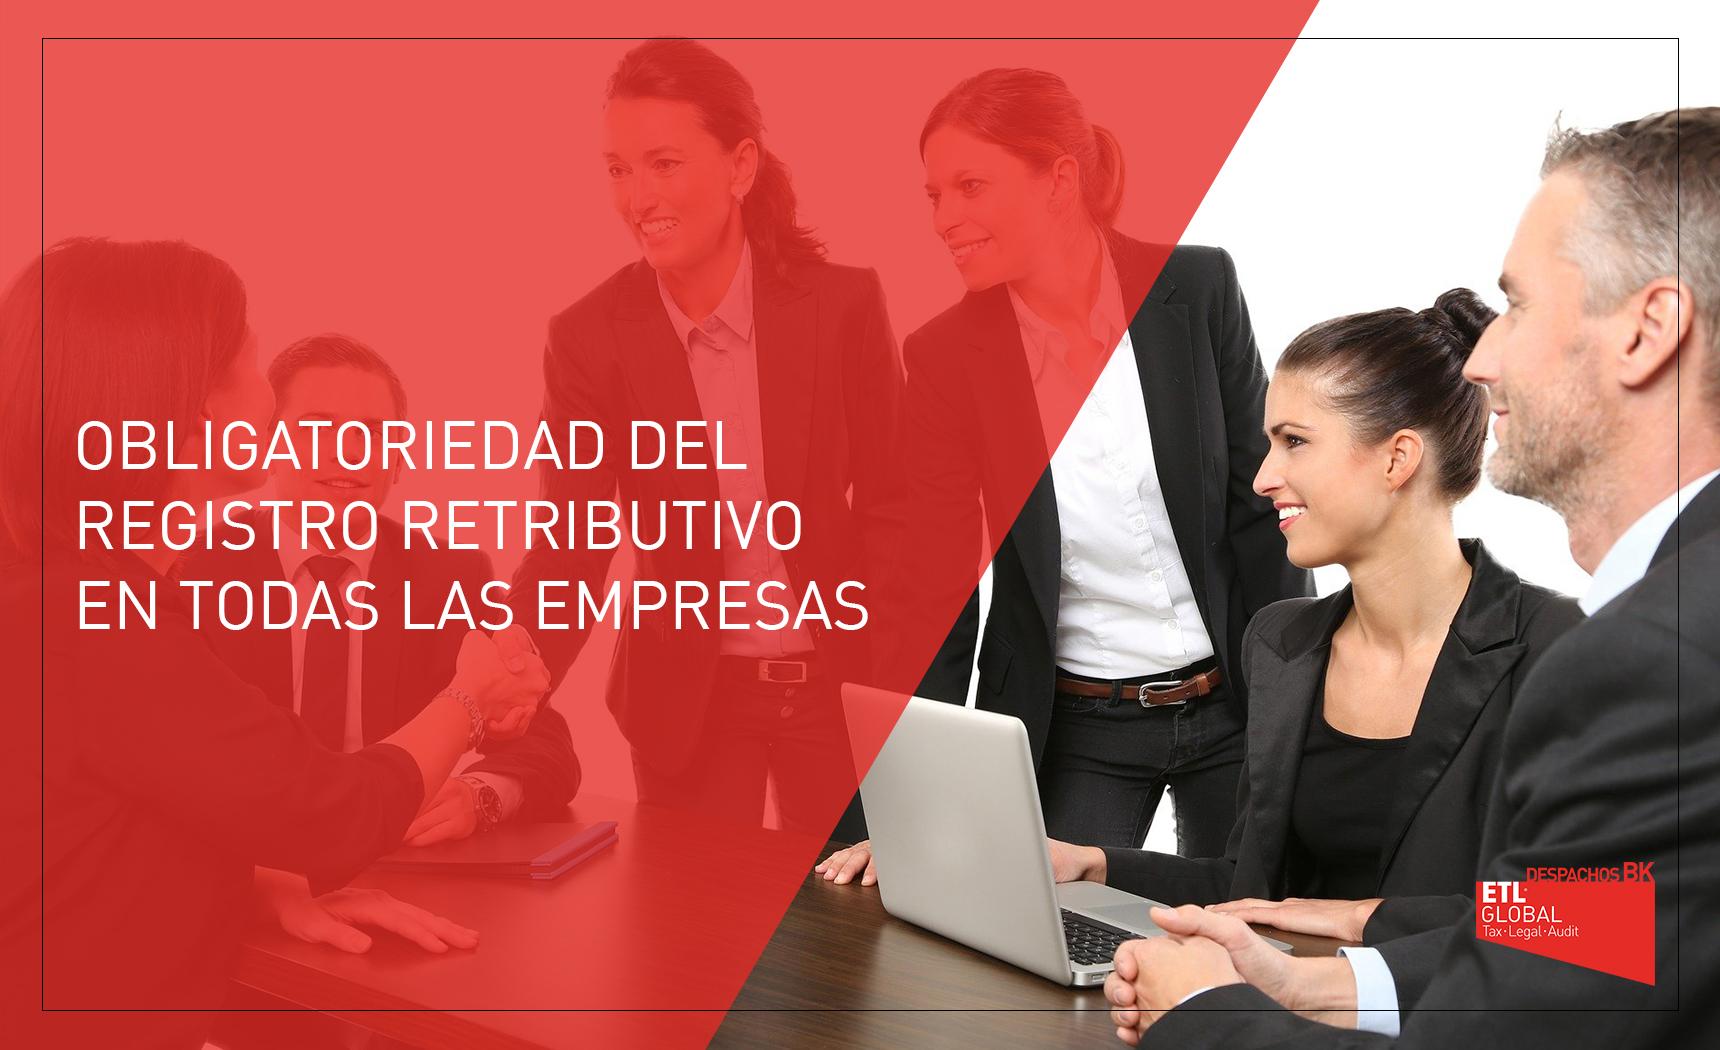 Registro retributivo o salarial obligatorio en las empresas